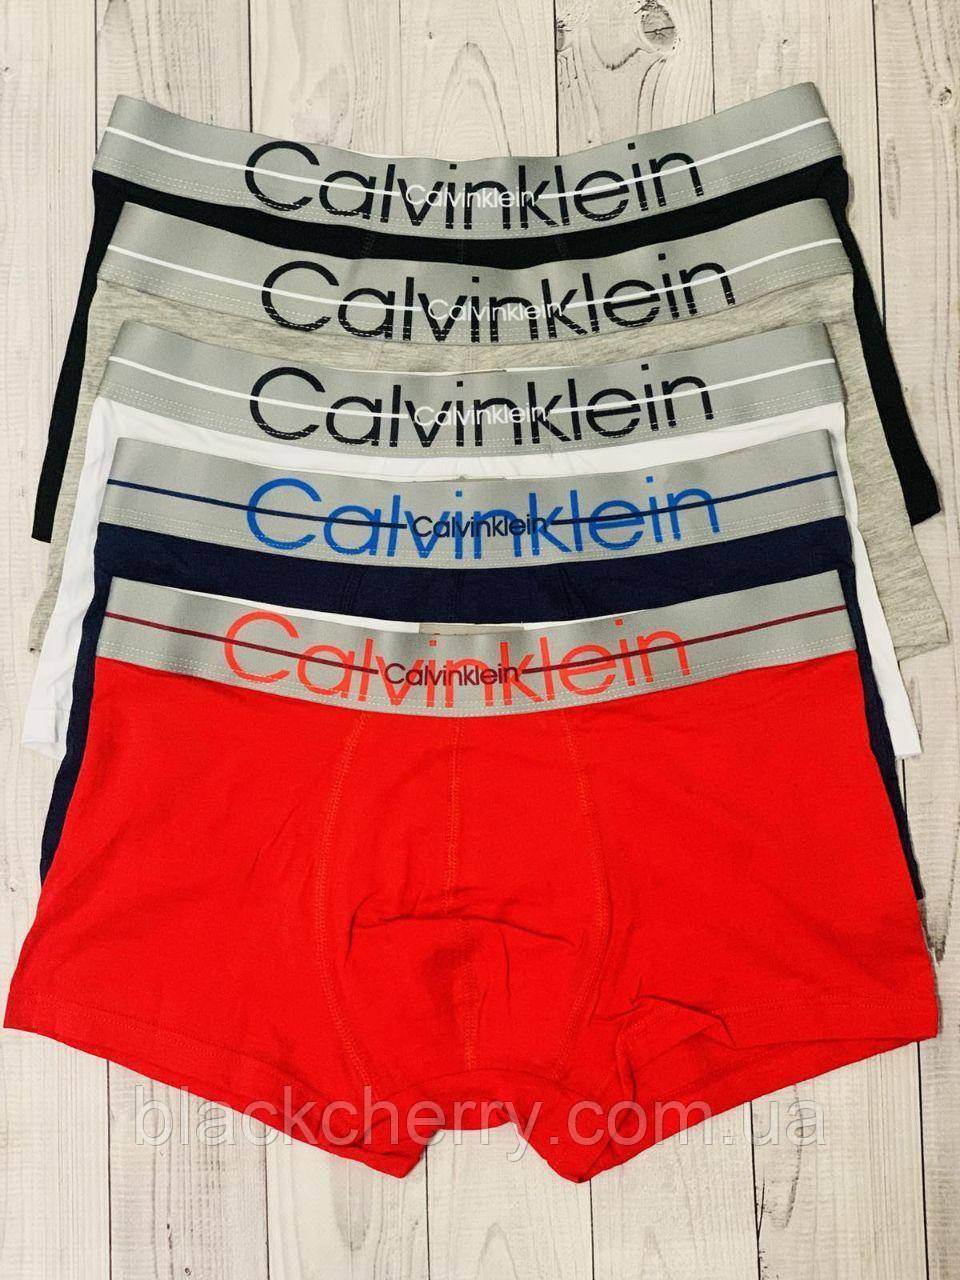 Мужские боксёры Calvin Klein Underwear cotton (реплика )